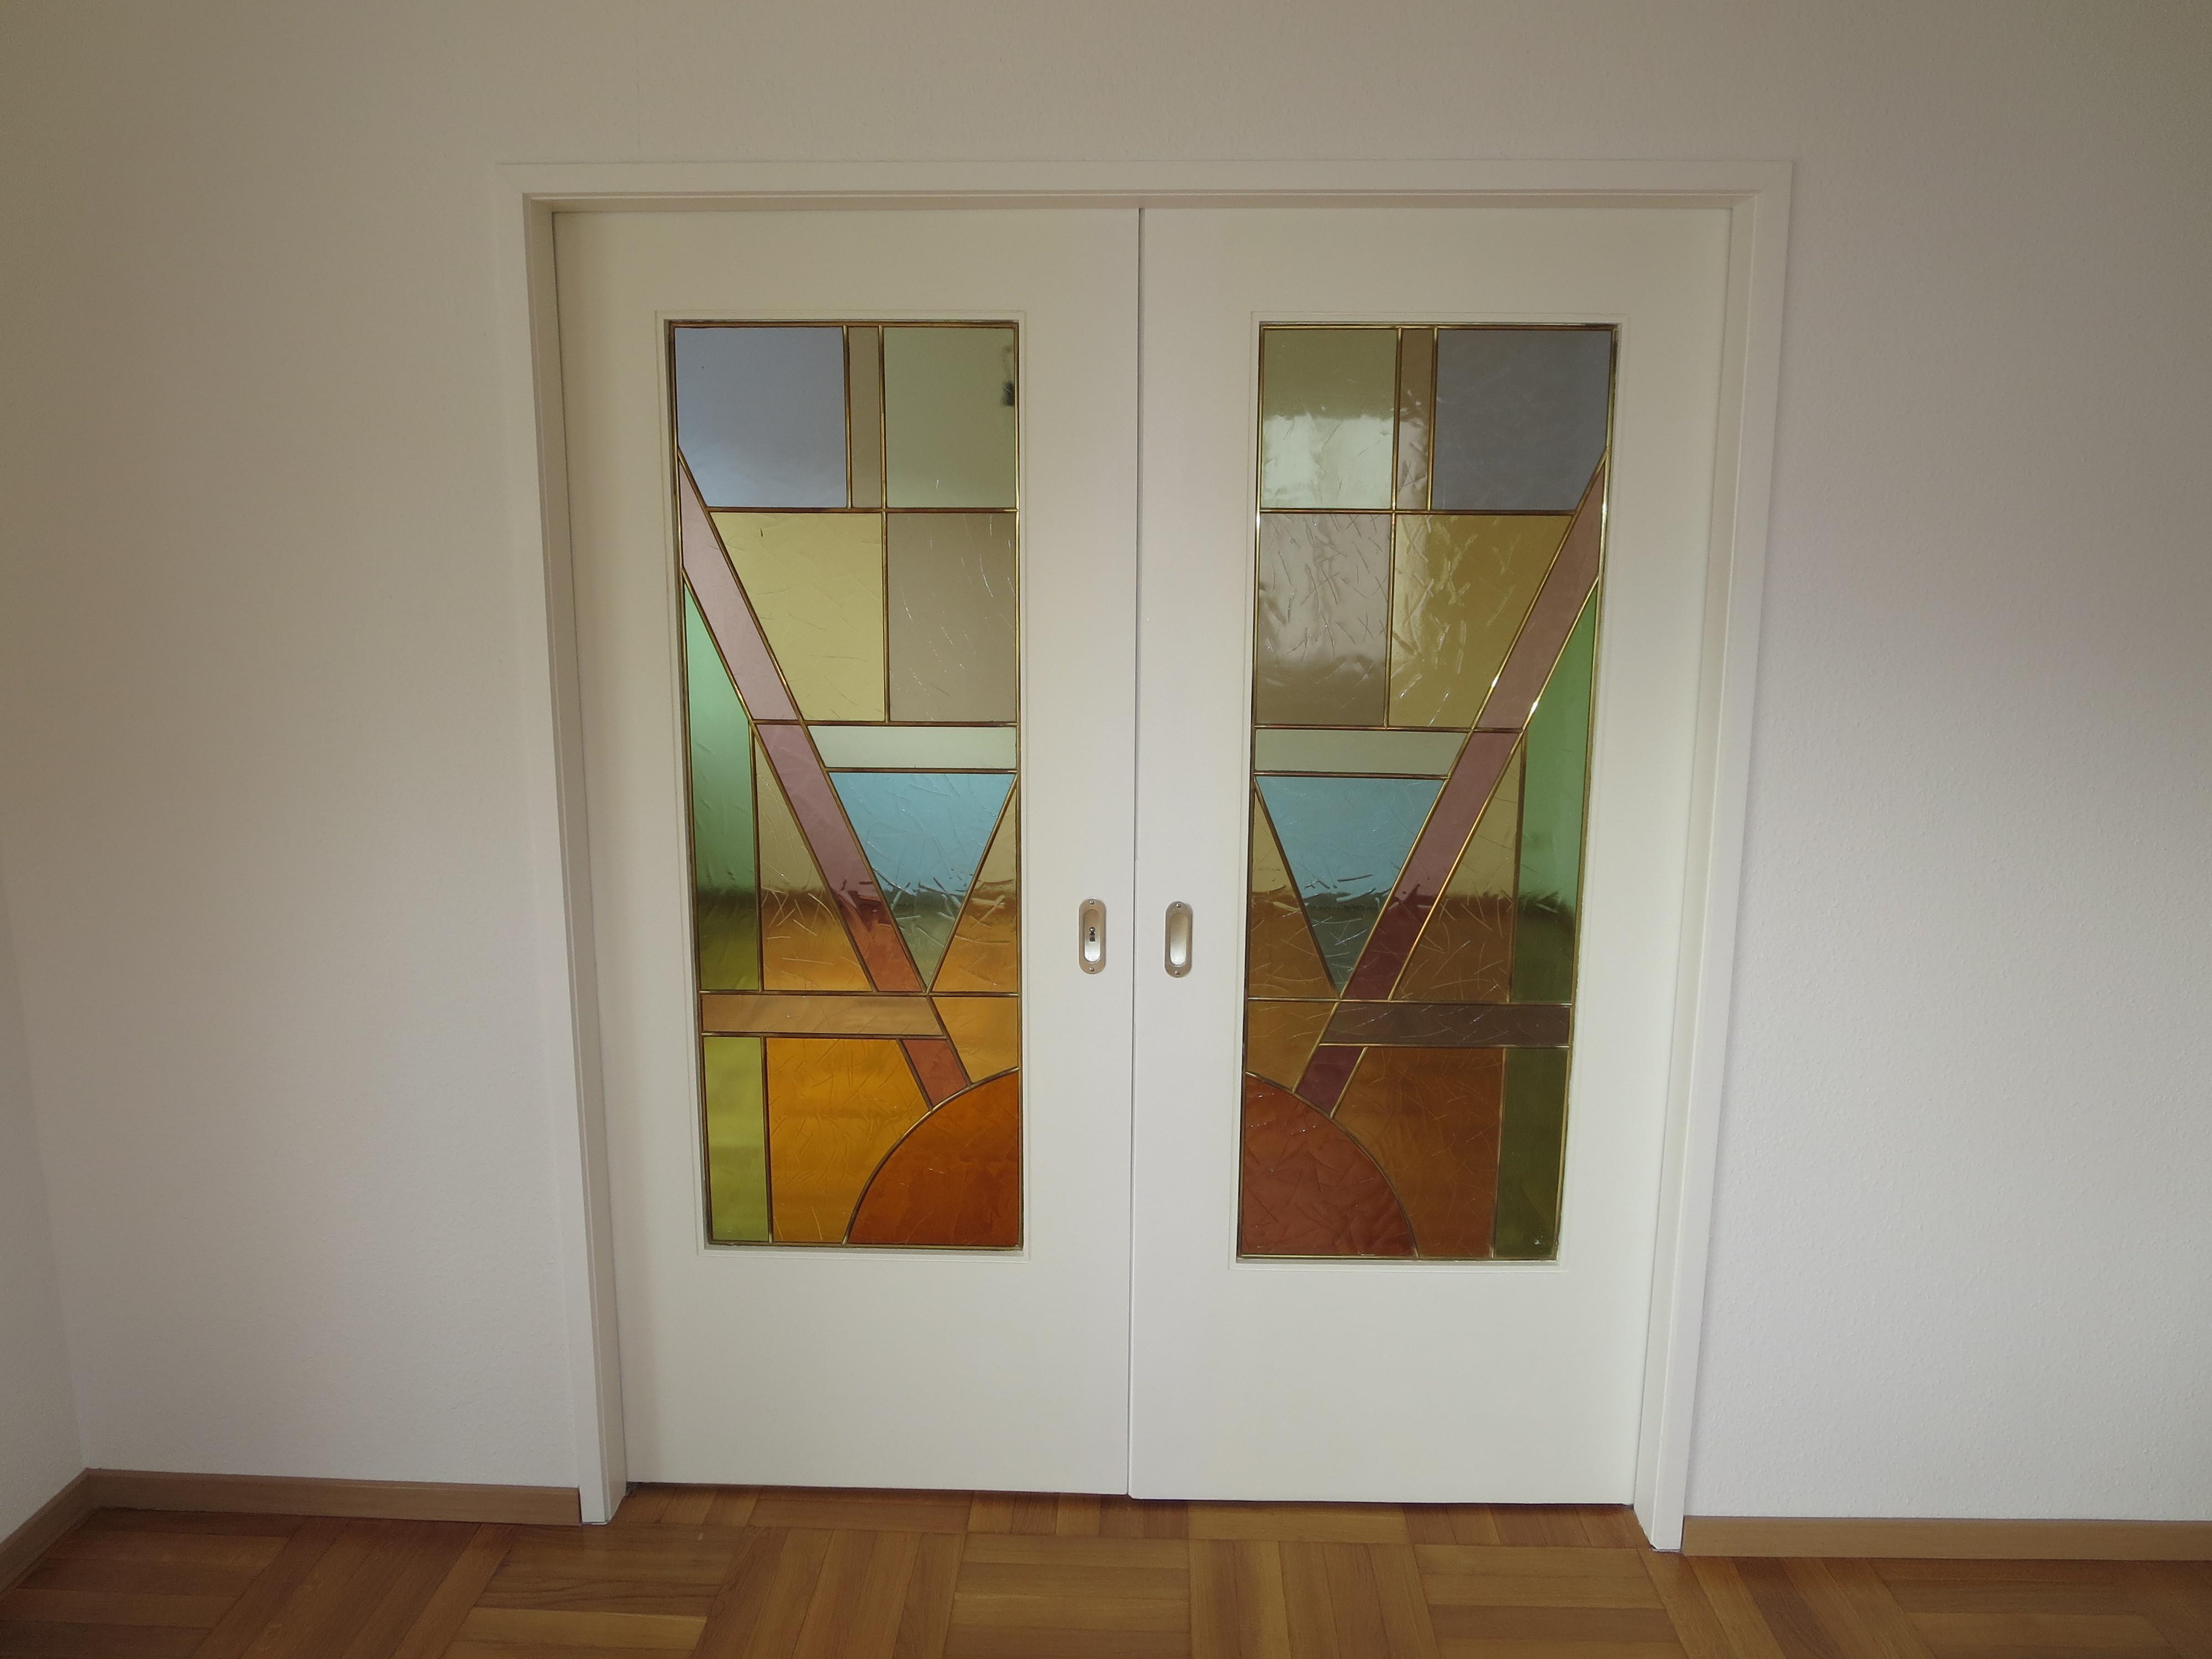 Helle 3,5 Zimmer-Wohnung in begehrter Lage!++Bau-biologisch saniert!++